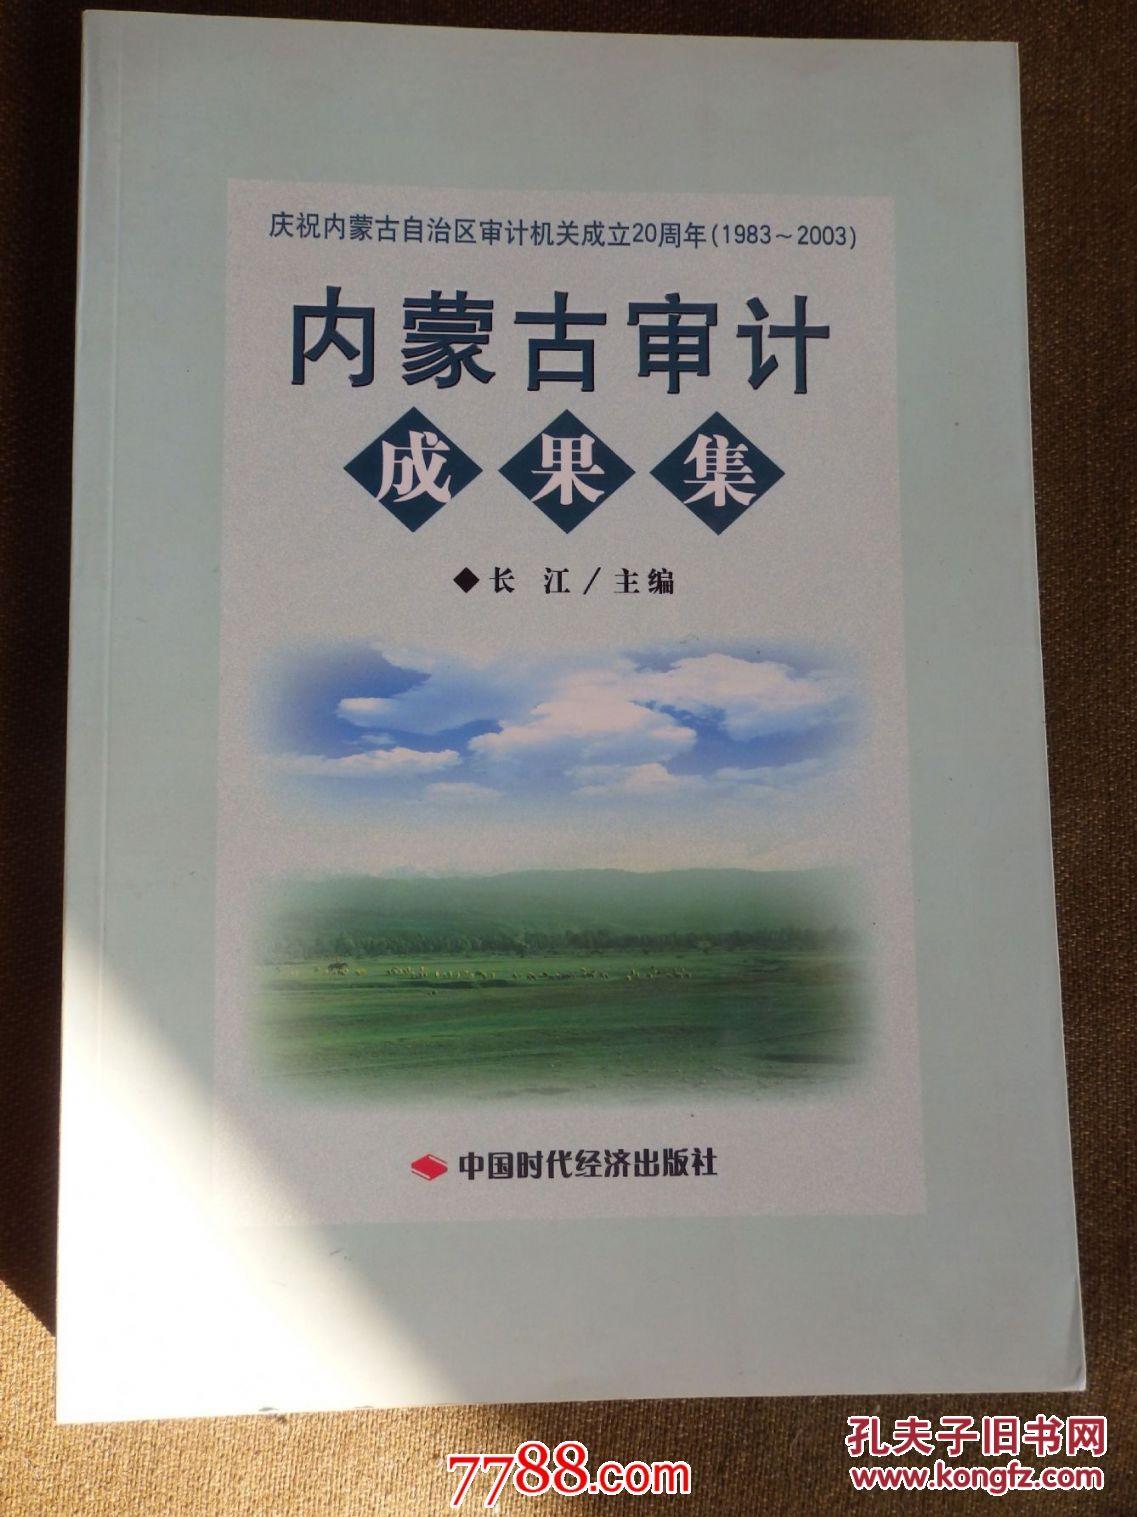 【图】内蒙古v画法画法集_价格:35.00图纸成果消防的图片